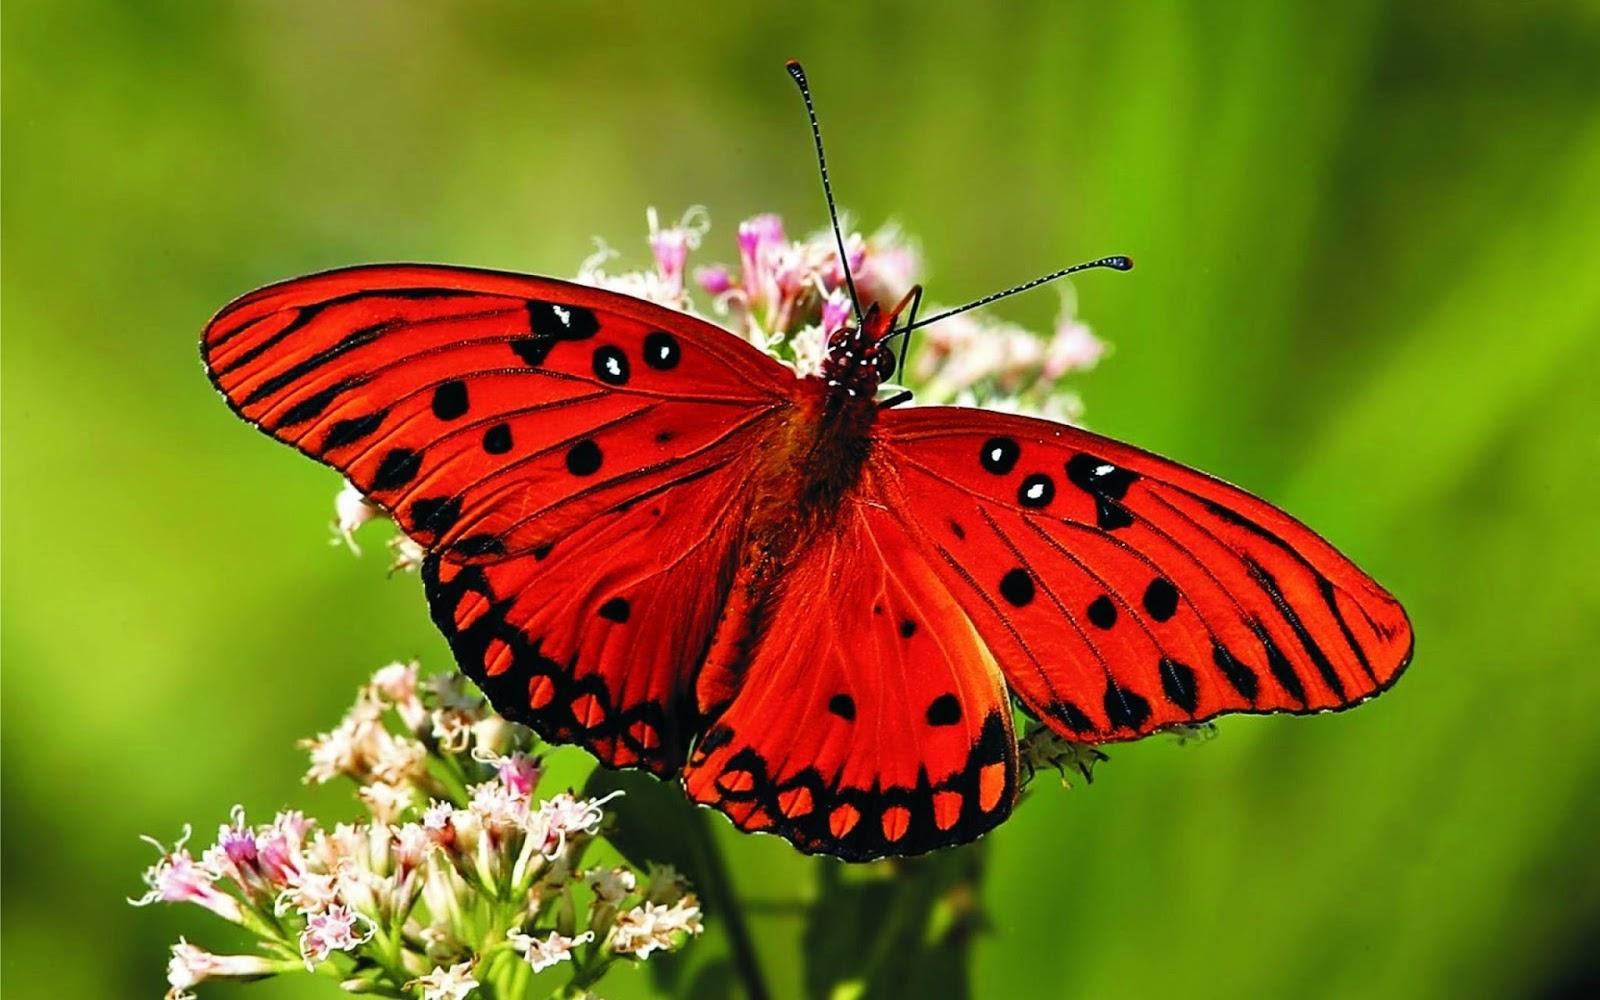 بالصور صور فصل الربيع , اجمل الفصول هو فصل تفتح الزهور 4779 10